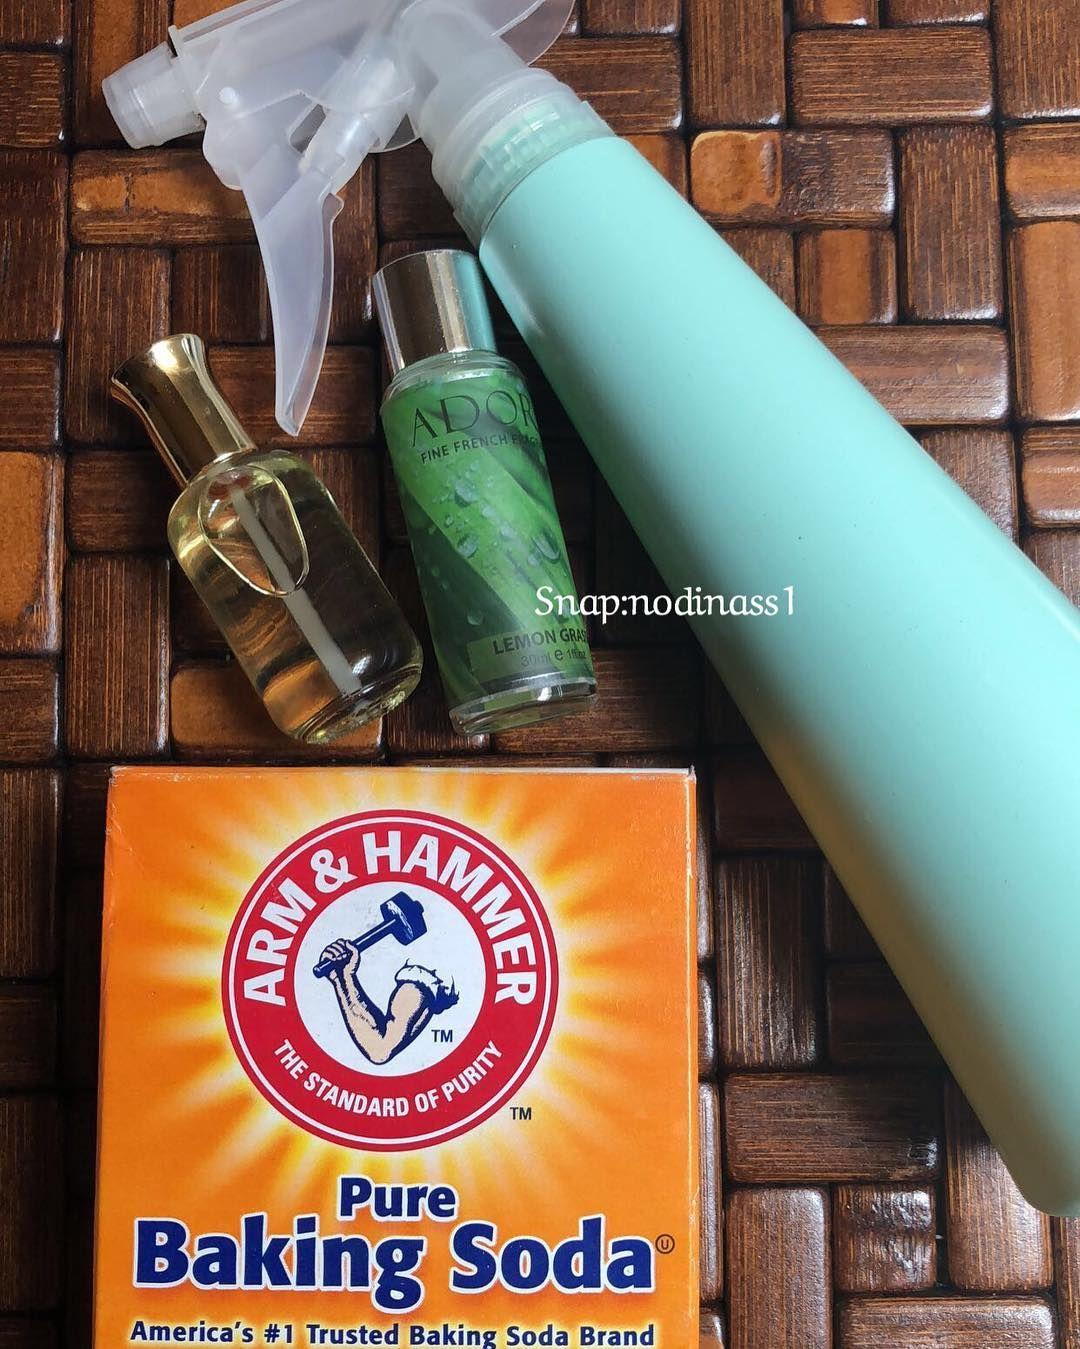 نونيتا On Instagram بخاخ منزلي معطر بيكنج صودا بيكربونات الصوديوم واضيف زيت العطري اللي تحب Soda Brands Cleaning Hacks Pure Products